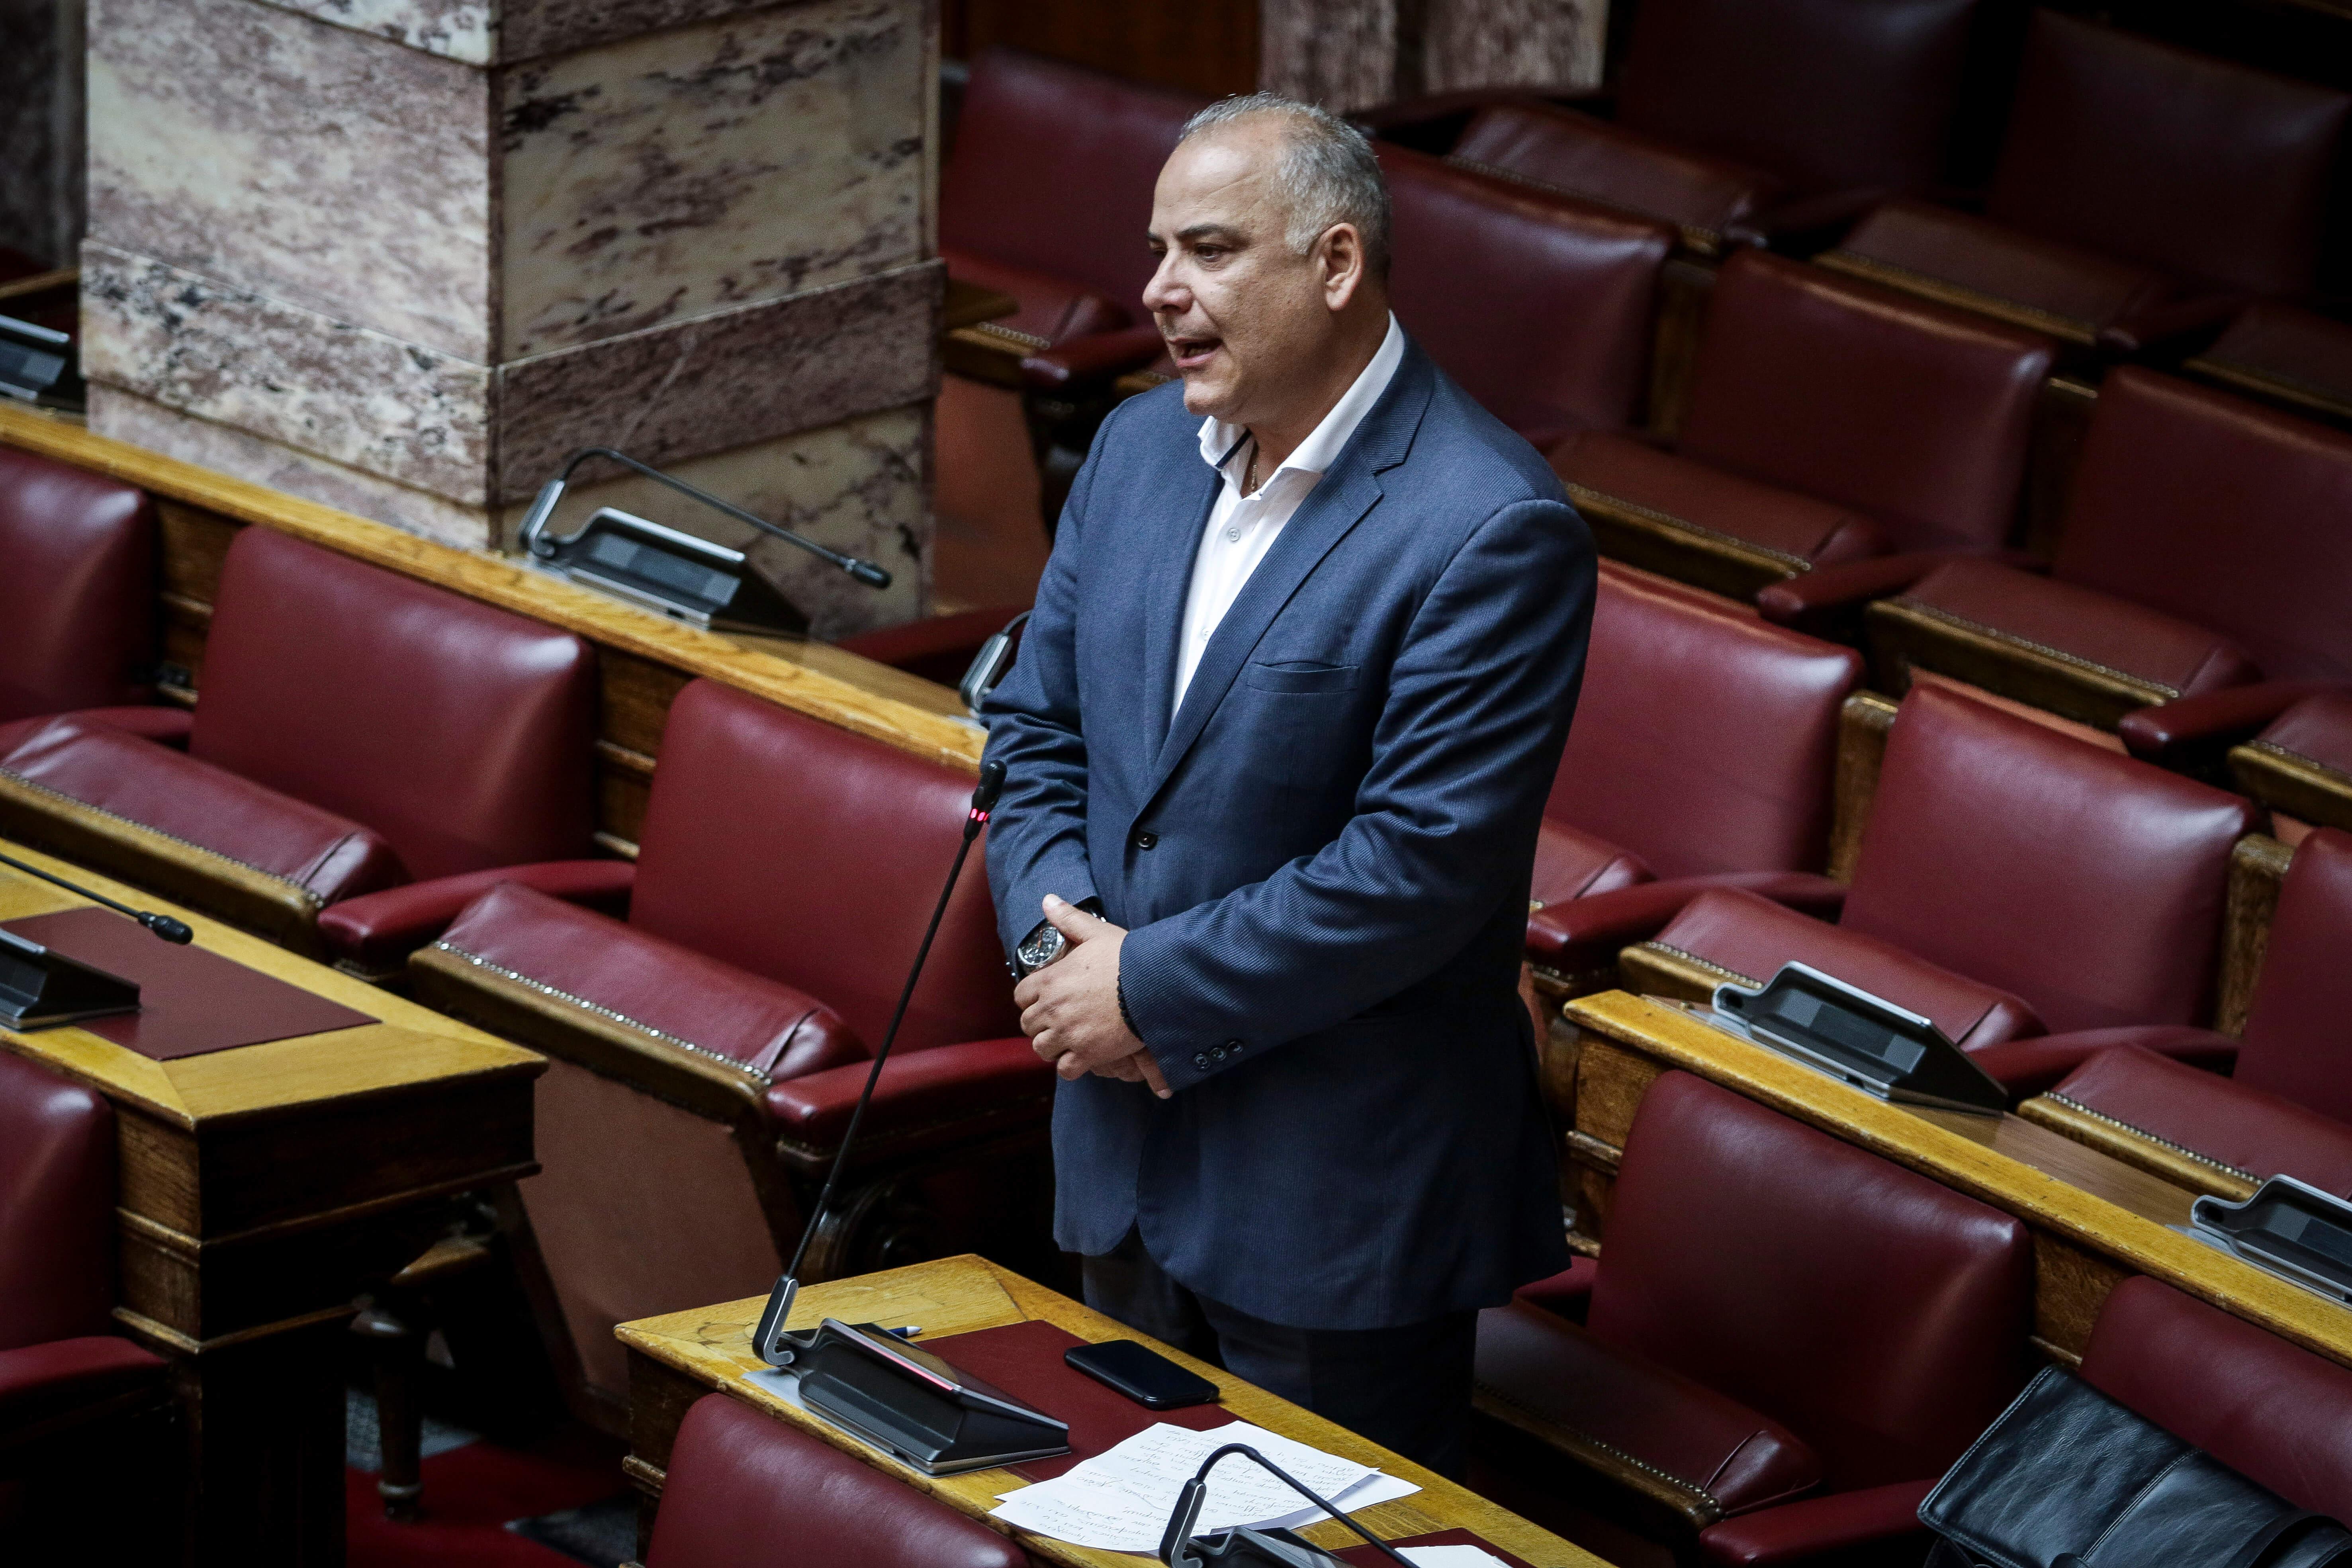 Ανεξαρτητοποιήθηκε από την Ένωση Κεντρώων ο Γιάννης Σαρίδης – Διαλύεται η Κ.Ο.